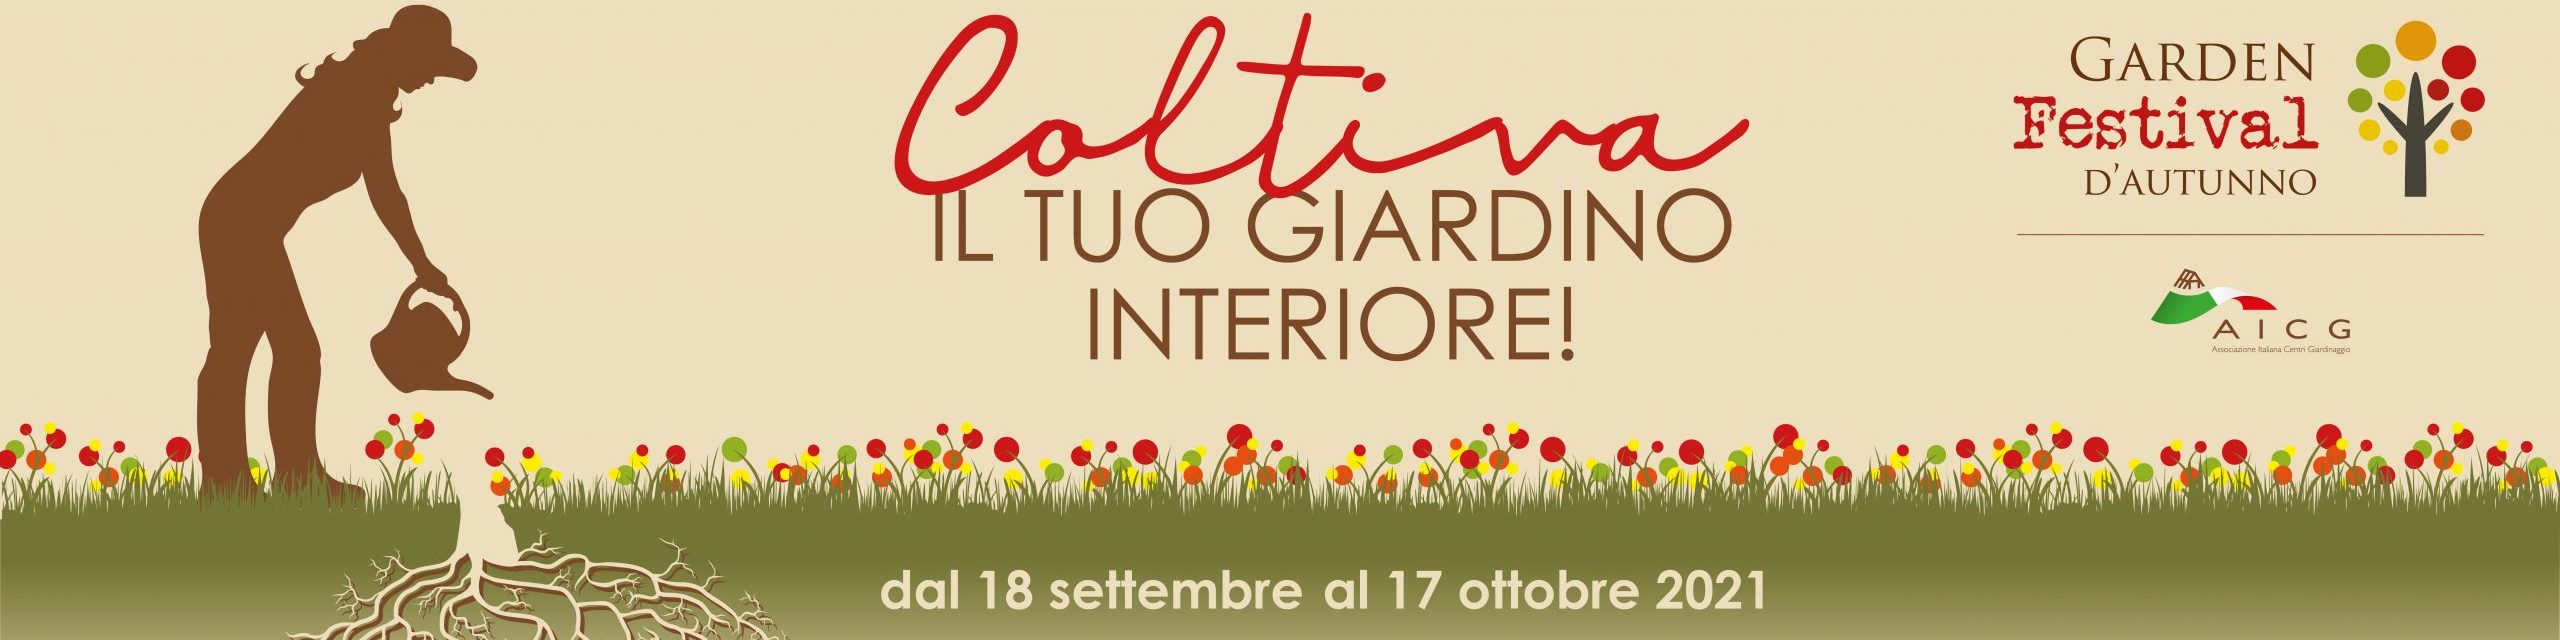 GardenFestival2021